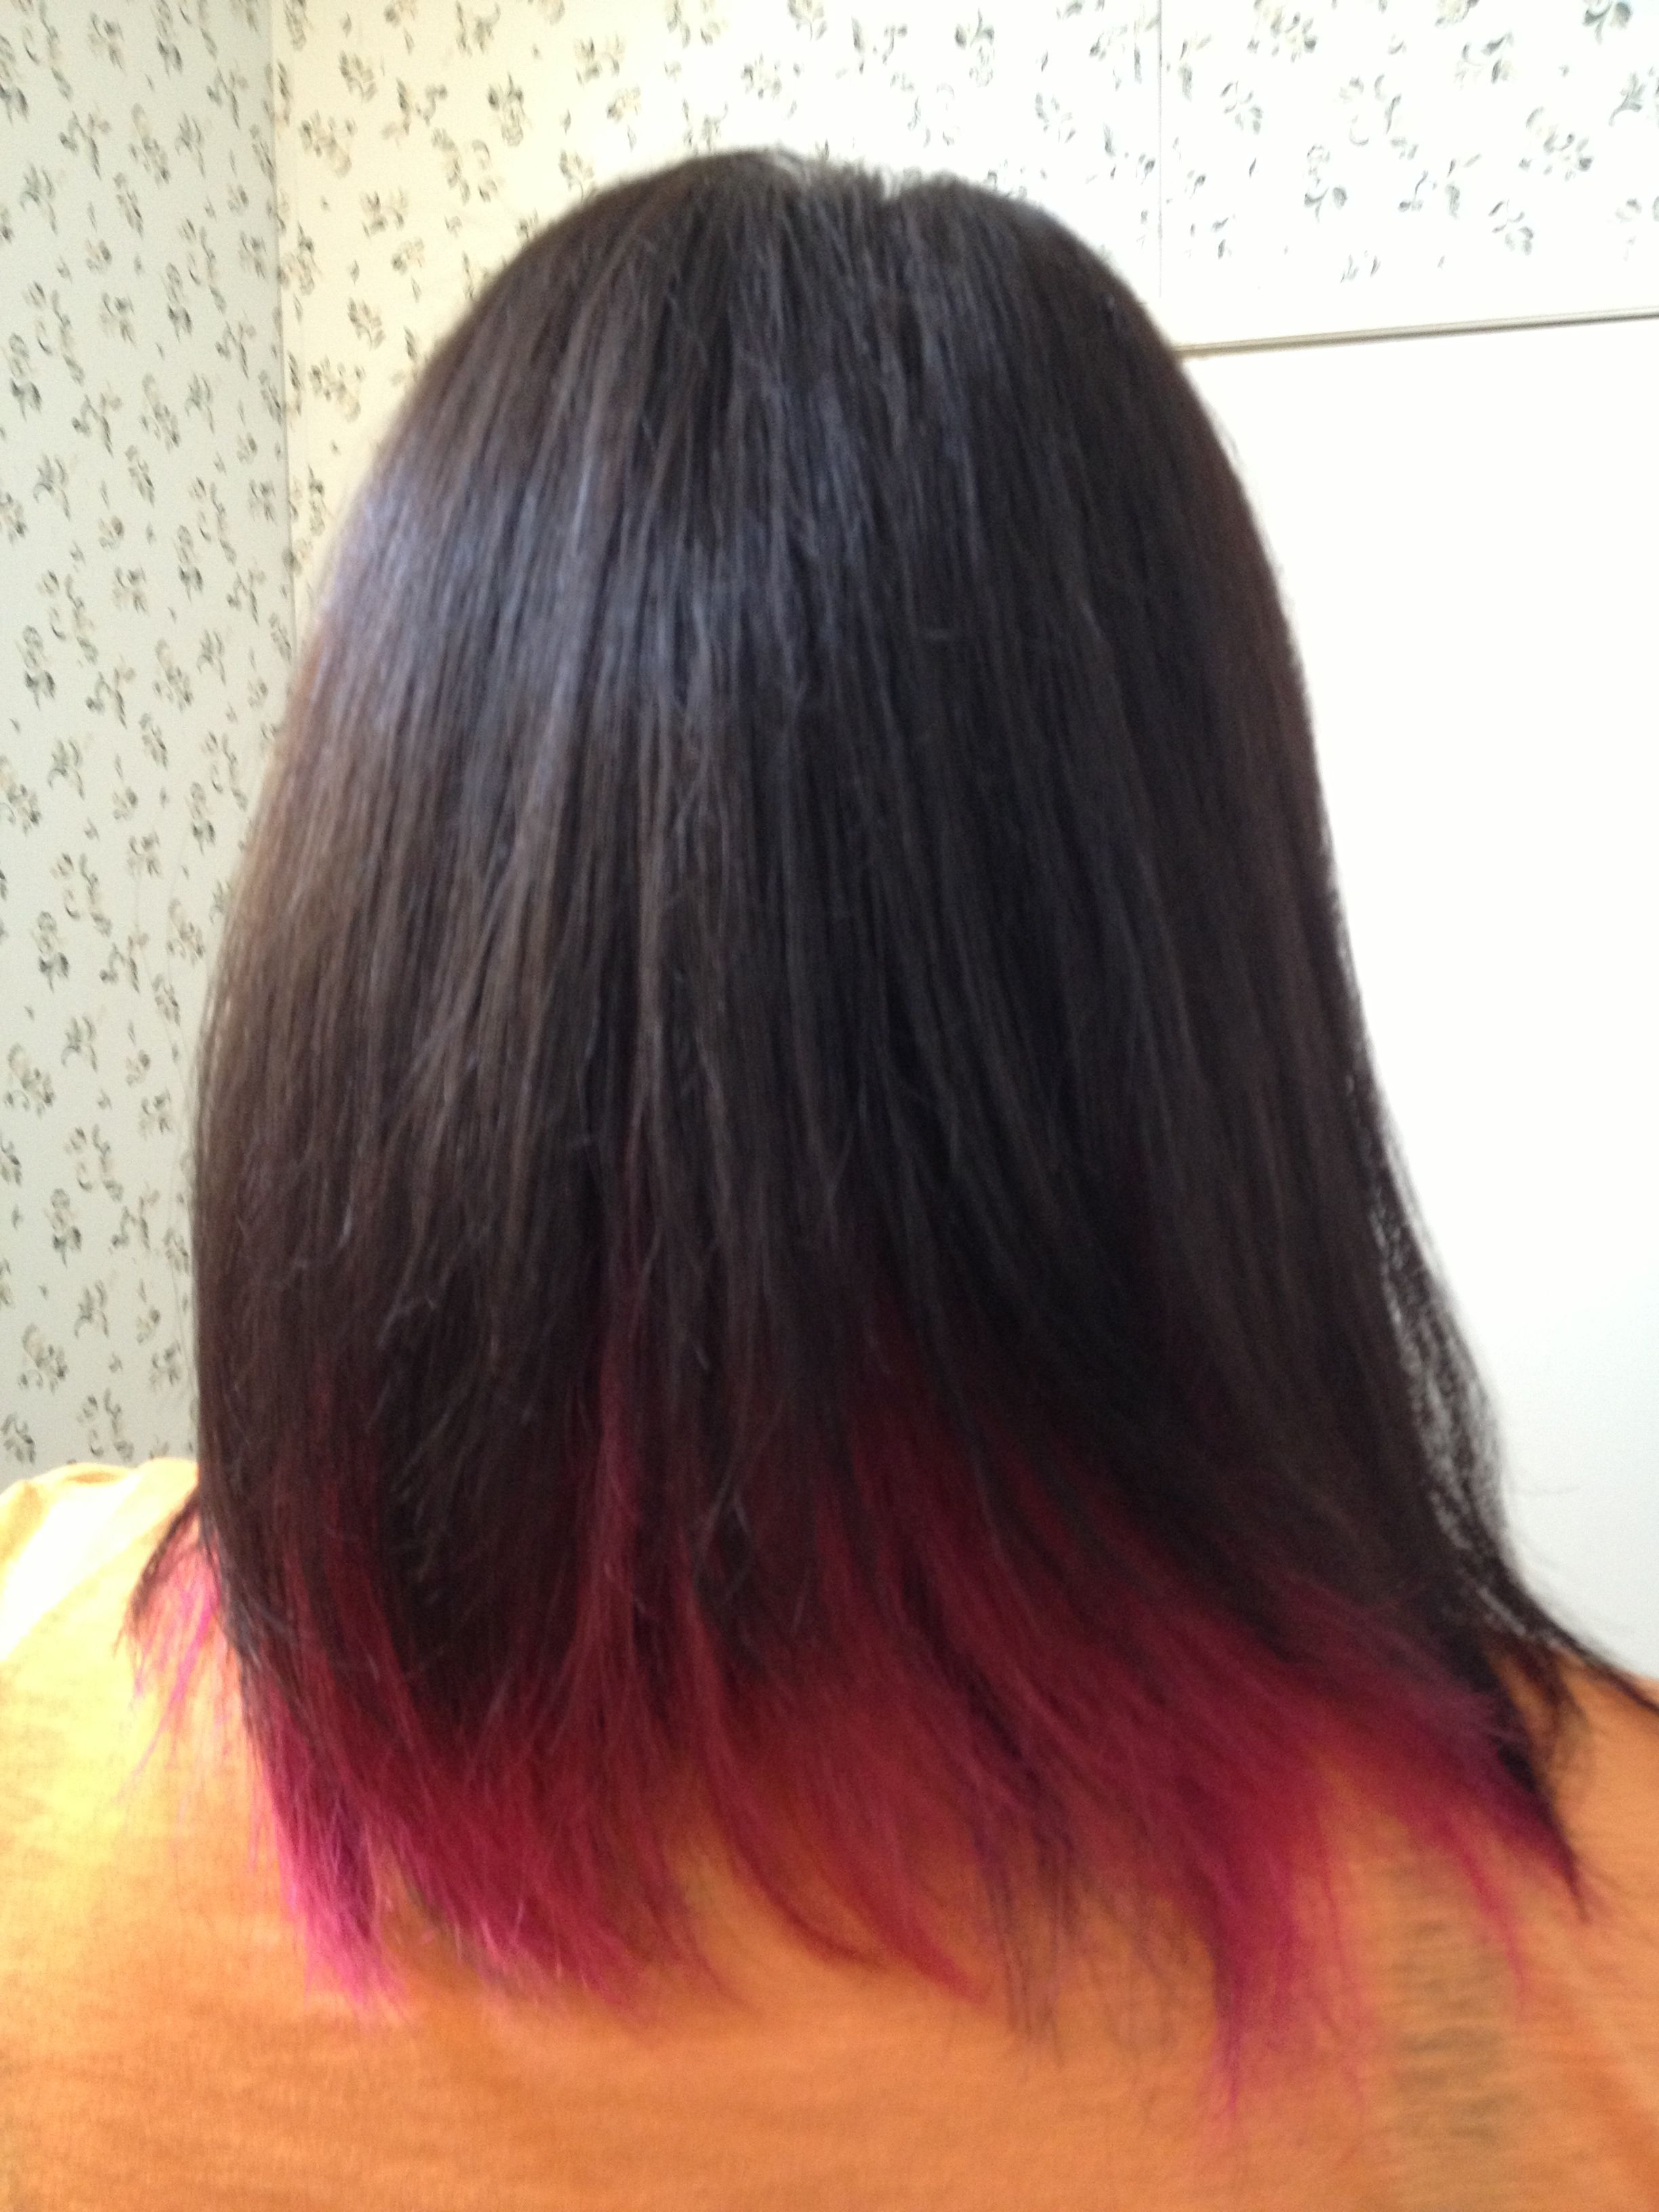 Pink Under Dark Brown Hair Pink Hair Tips Hair Brown Hair Pink Tips